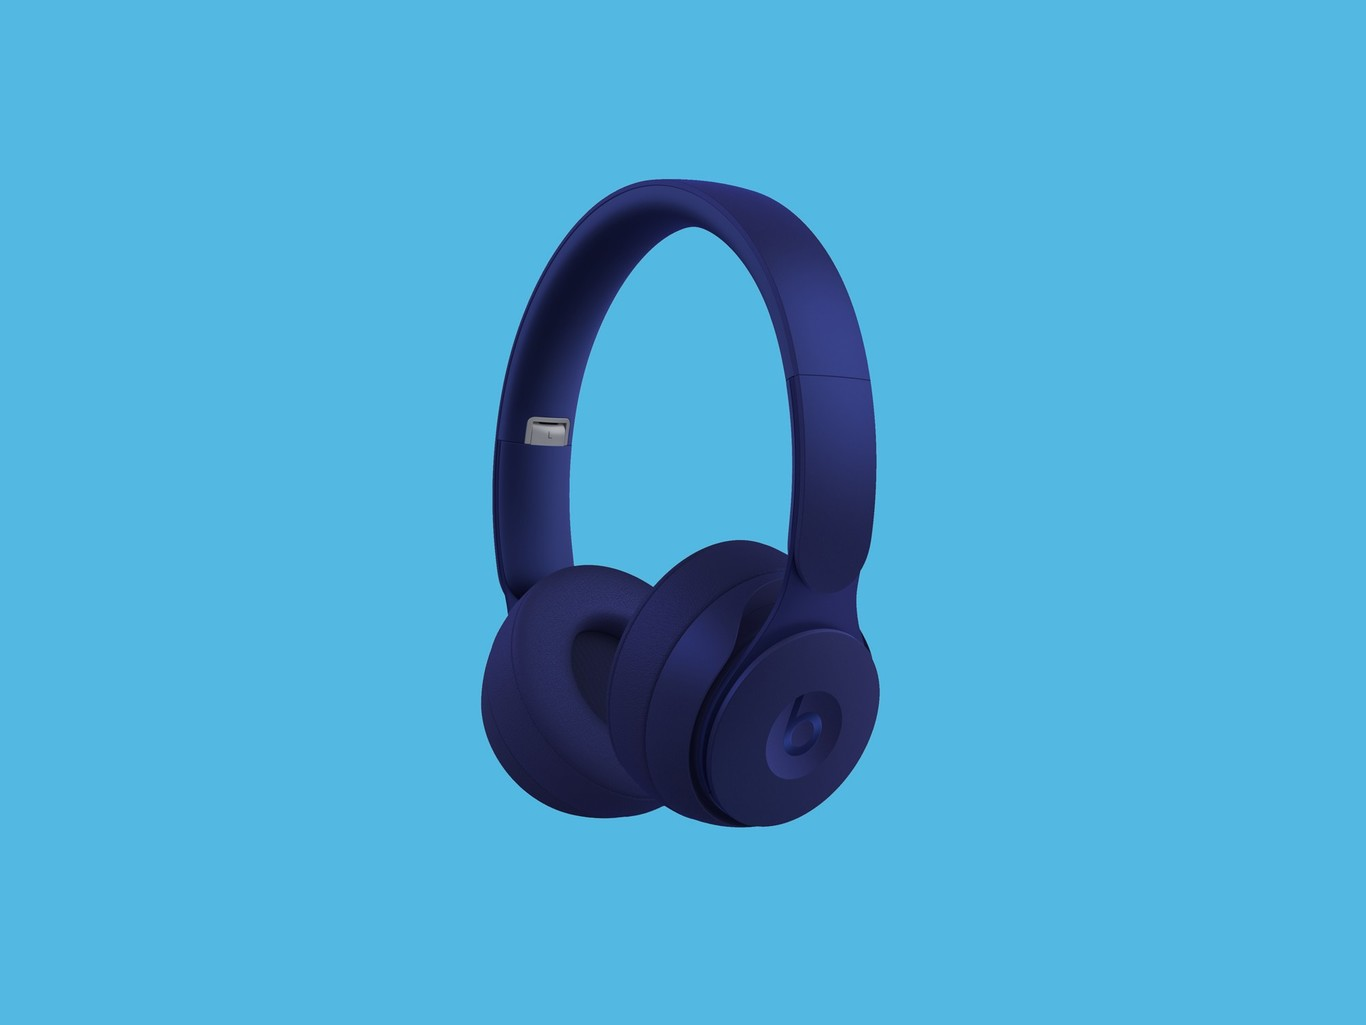 Beats anuncia los Solo Pro: auriculares con cancelación de ruido y chip H1